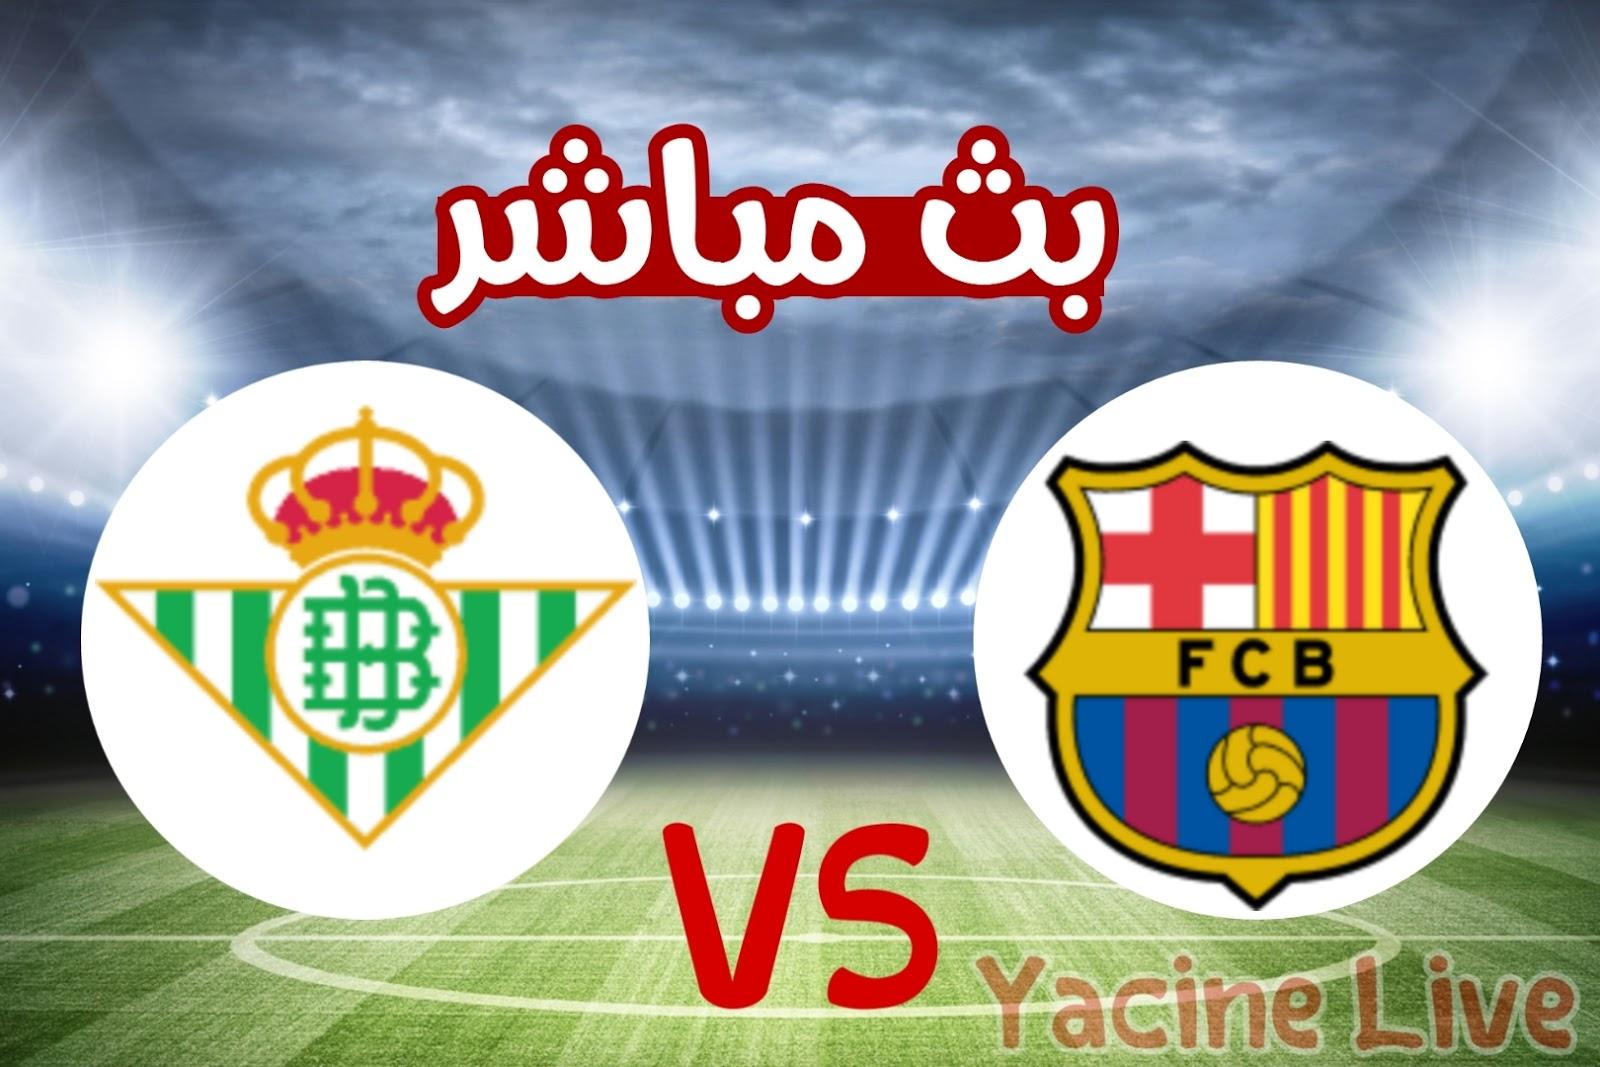 بث مباشر برشلونة ضد ريال بيتيس بجودة عالية وبدون اي تقطعات